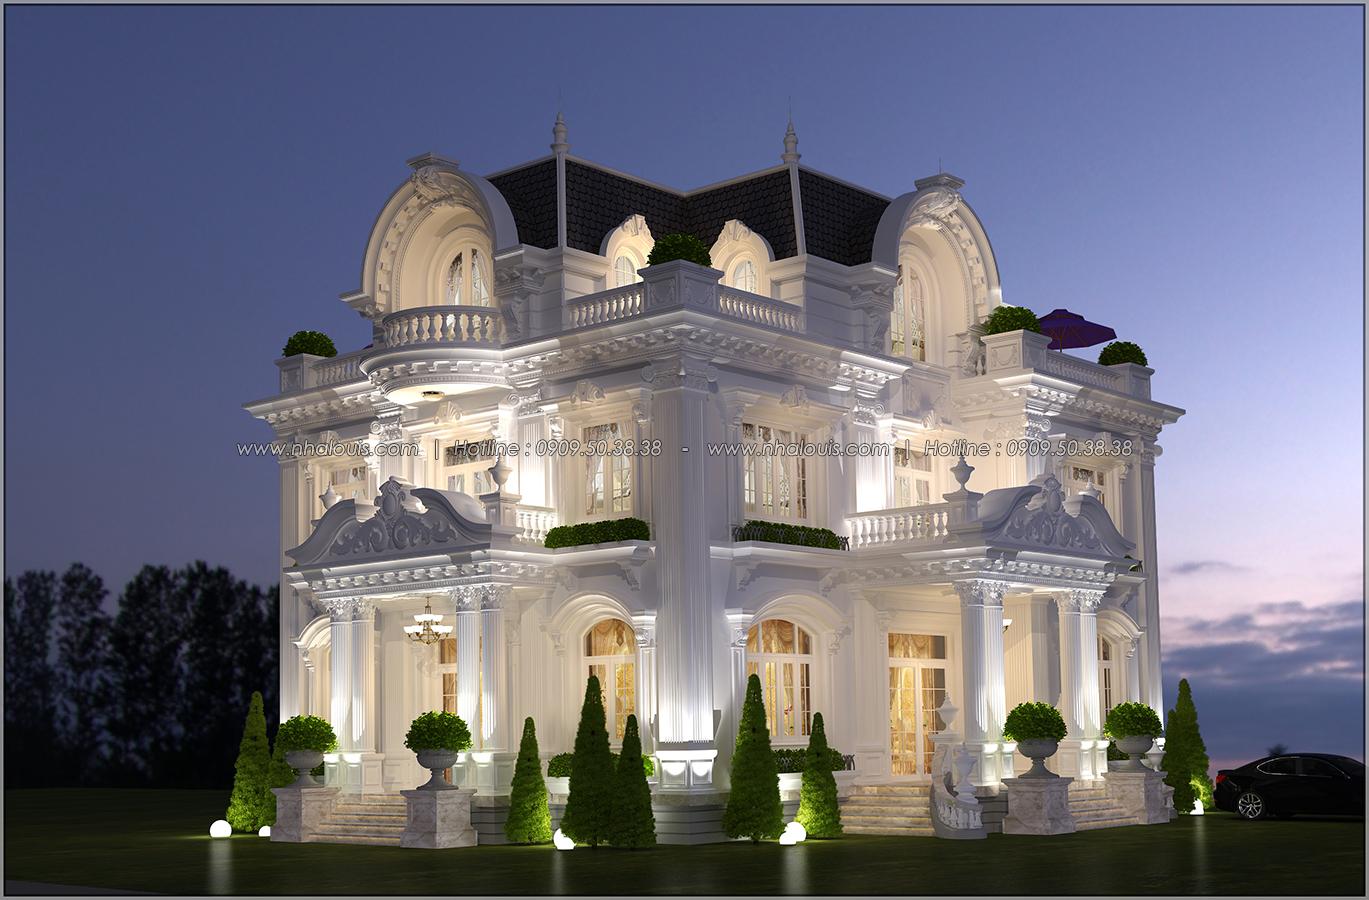 Biệt thự 3 tầng kiểu Pháp hoành tráng tại Biên Hòa đầy mê hoặc - 02